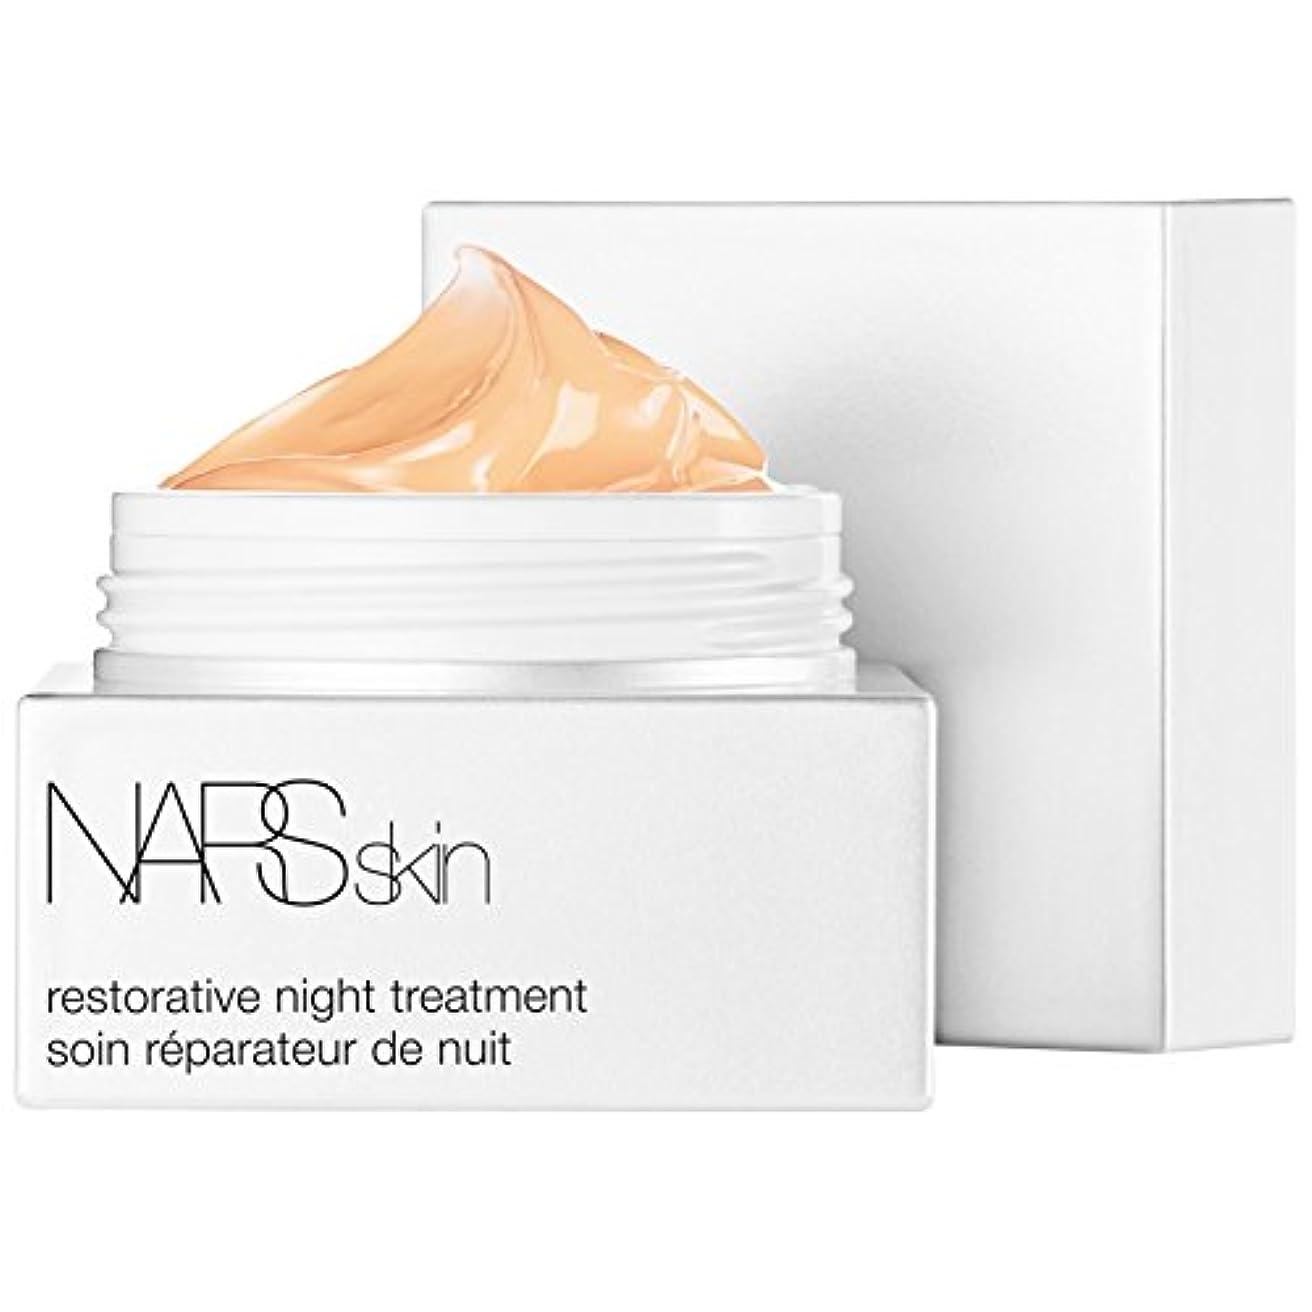 校長小切手男らしい[NARS] Narは修復夜の治療30ミリリットル - Nars Restorative Night Treatment 30ml [並行輸入品]